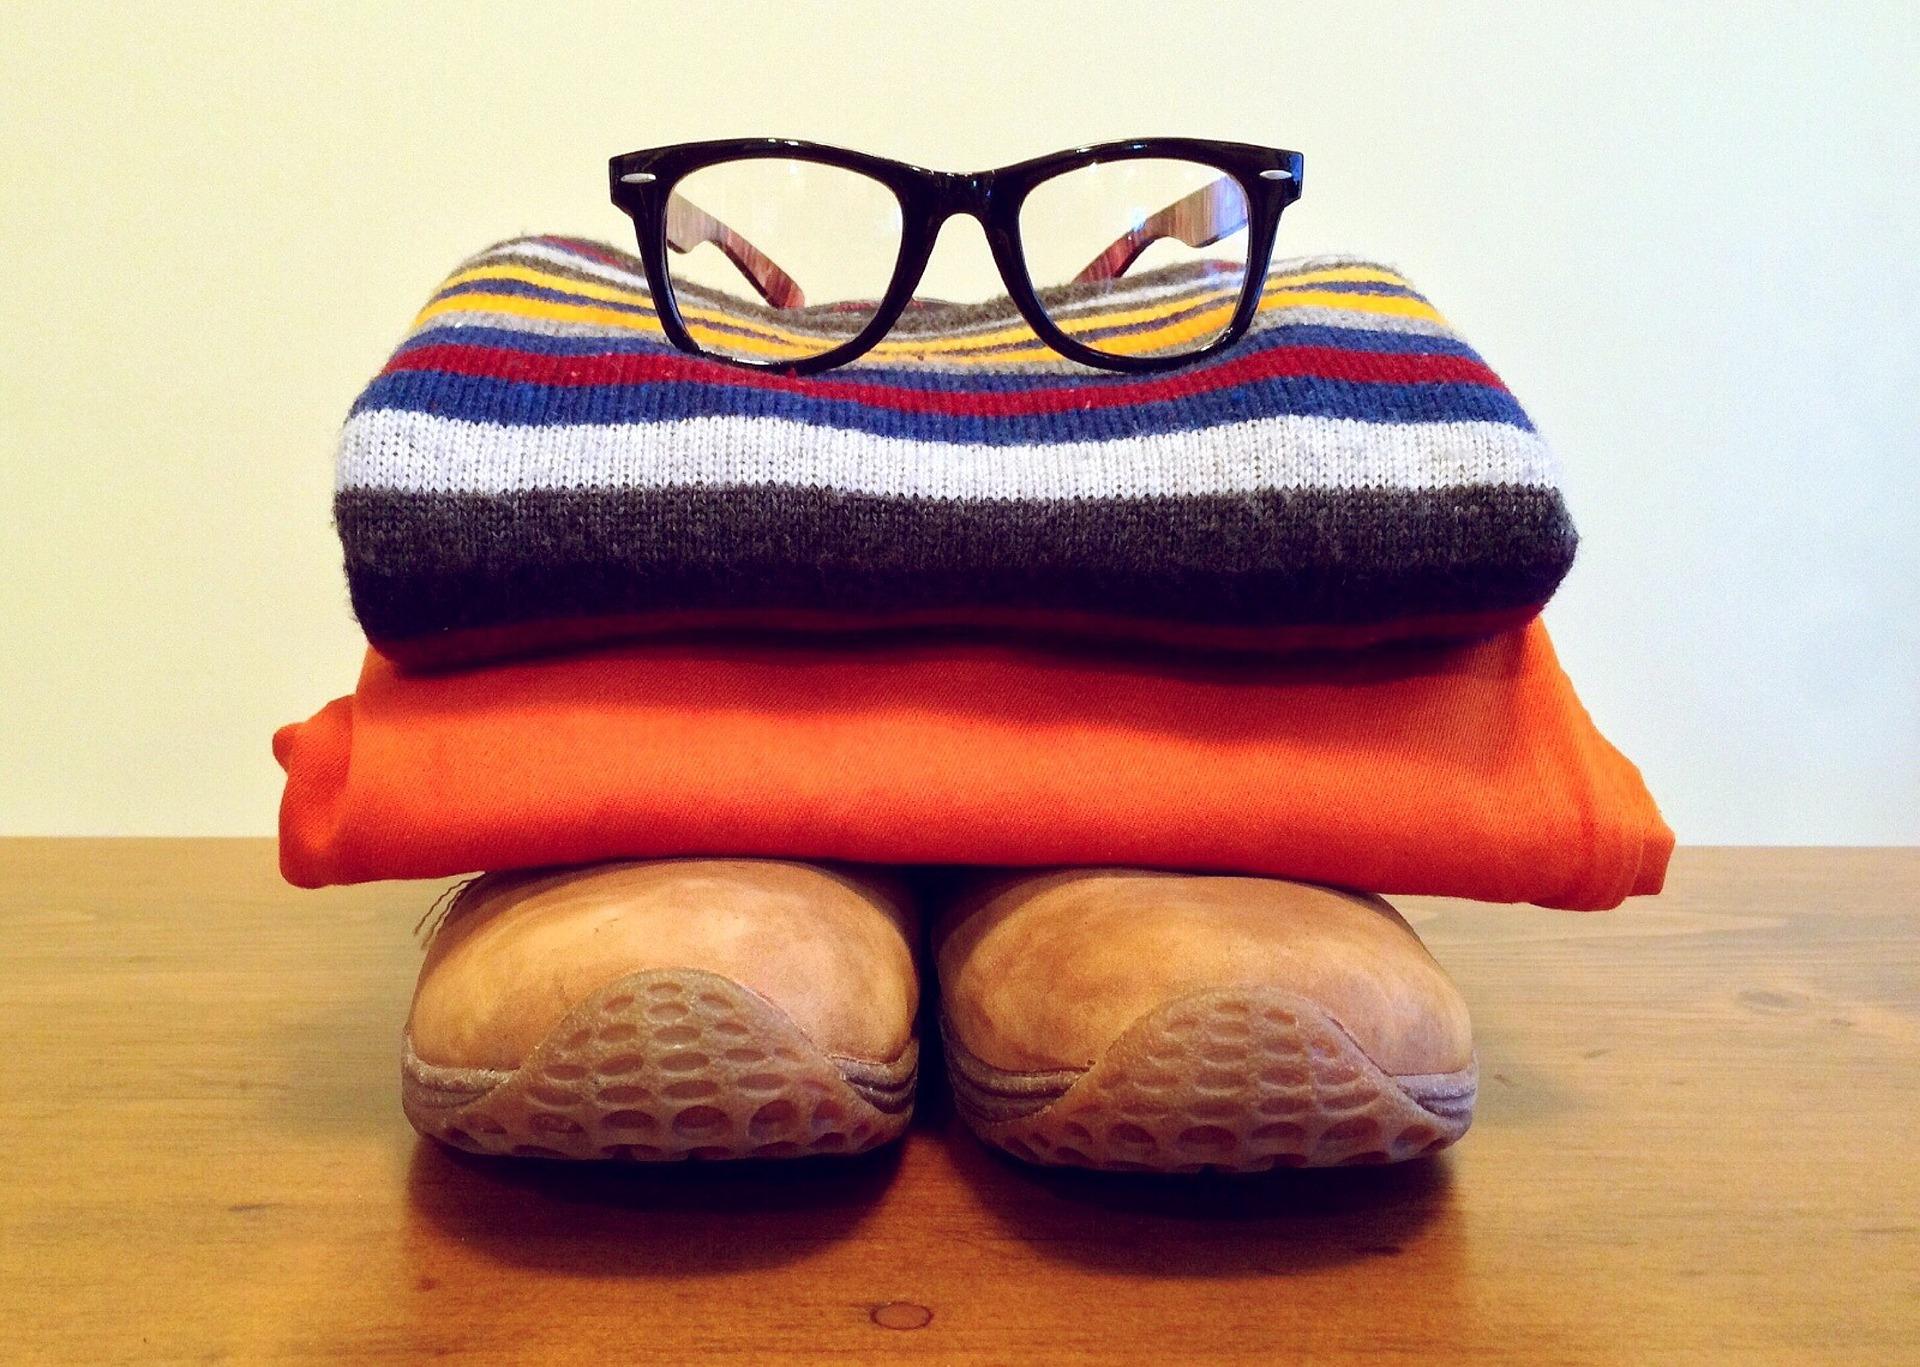 Czyste i suche ubrania? To możliwe dzięki pralko-suszarce